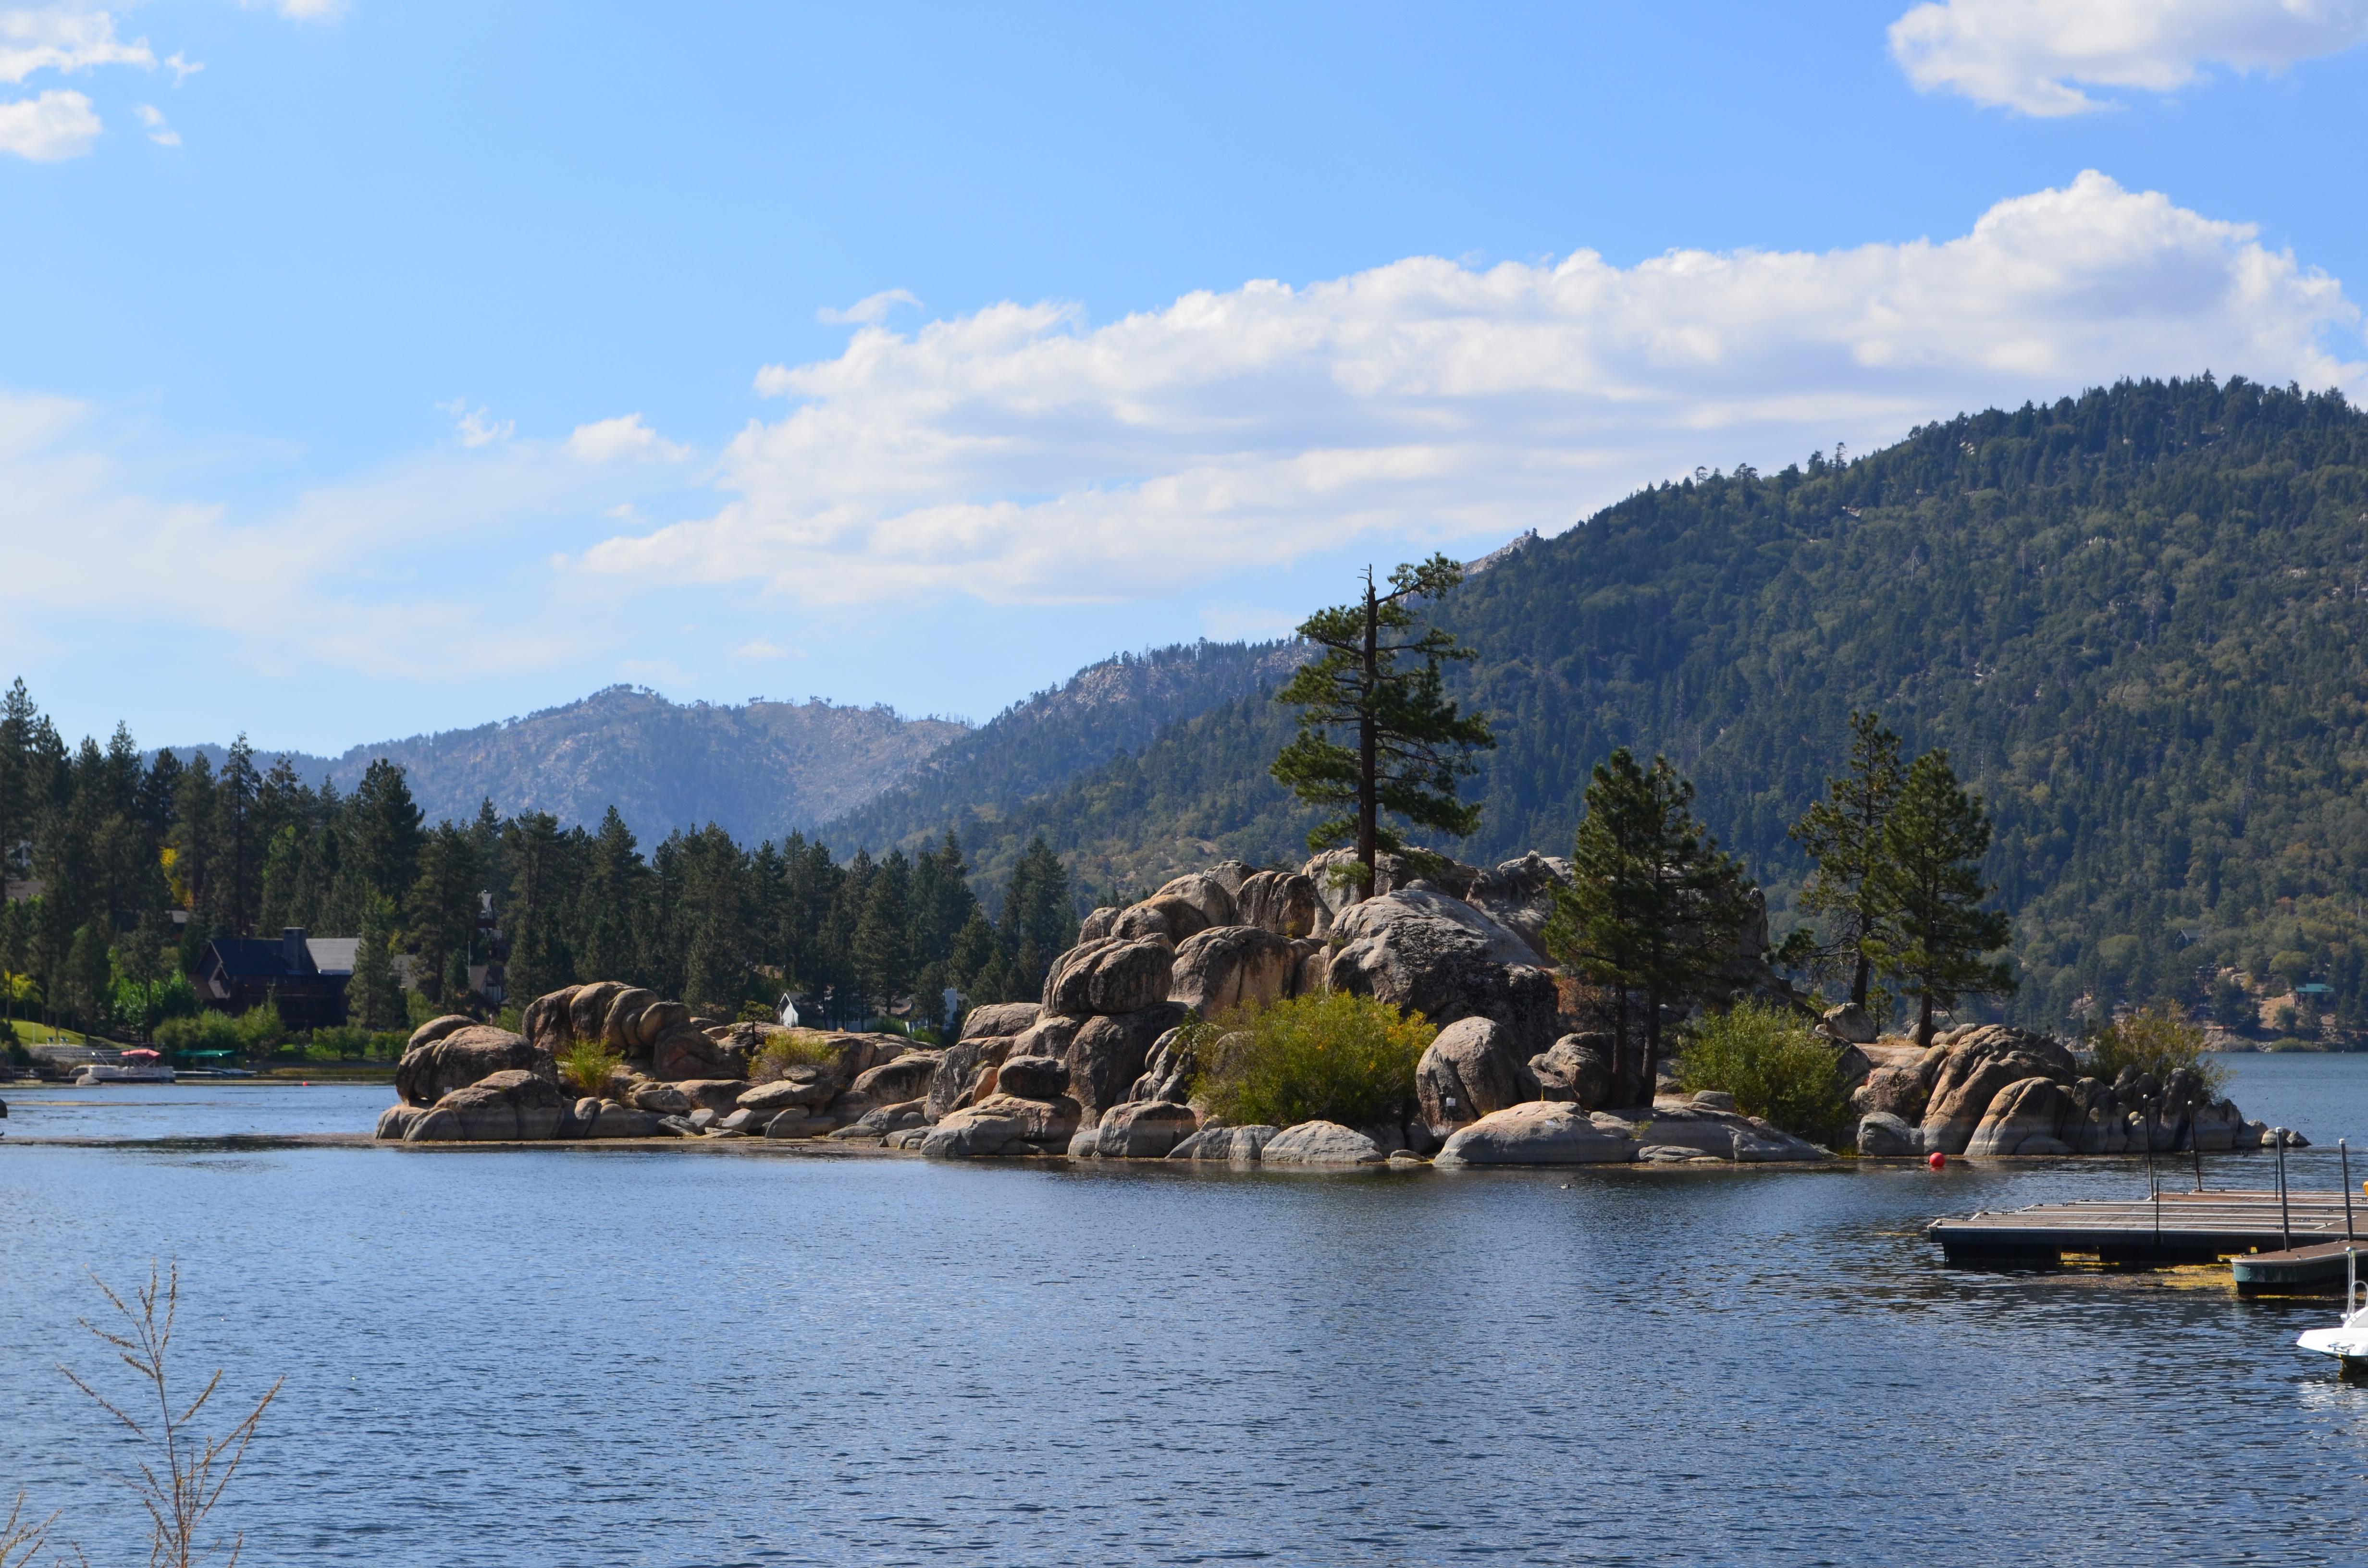 Big Bear Getaway - Las mejores casas de vacaciones y cabañas en Big Bear Lake! en el lago Big Bear, Big